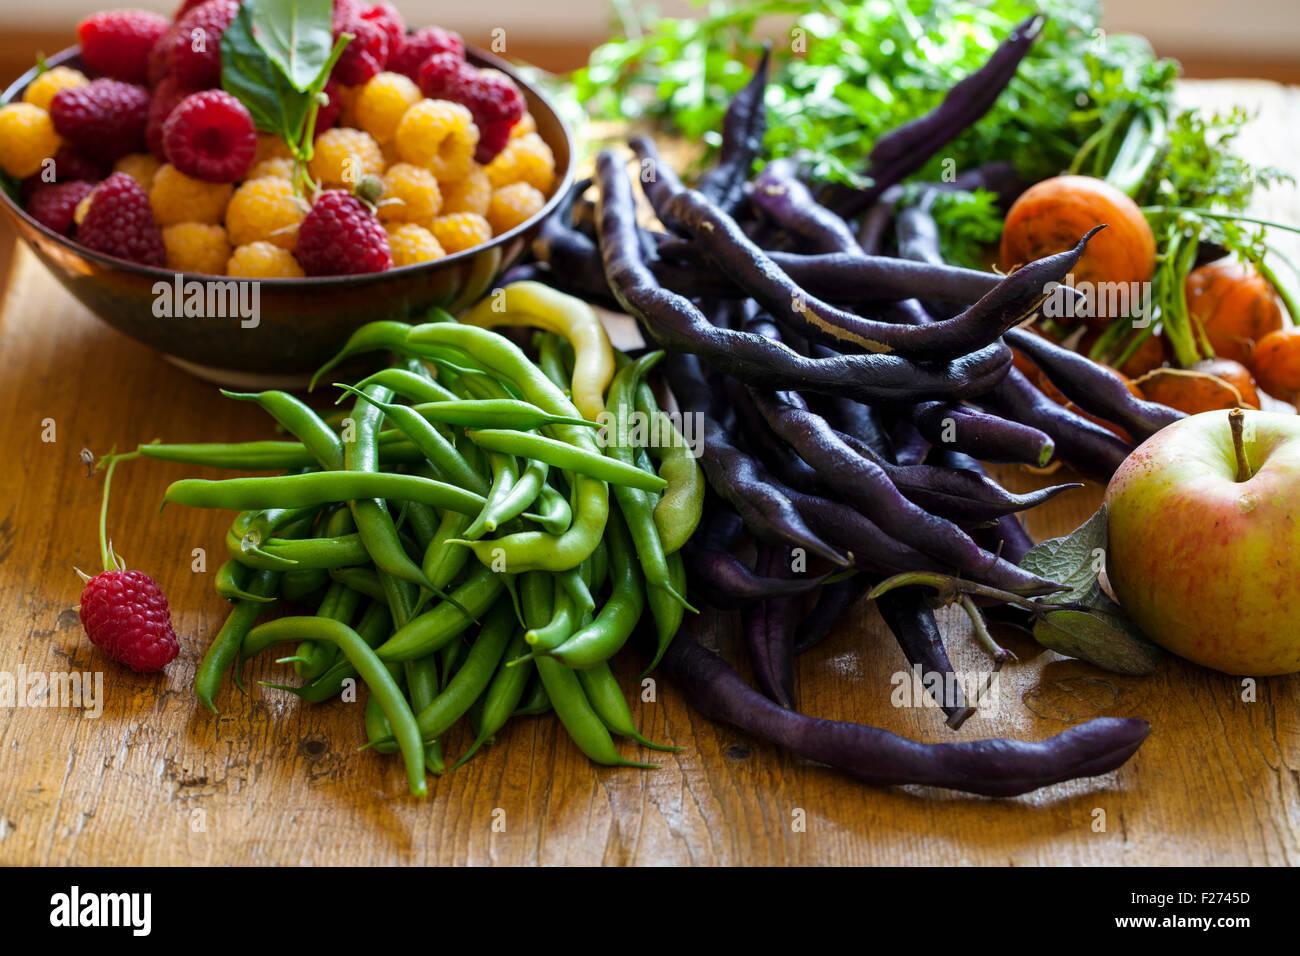 Selección de frutas y hortalizas Foto de stock